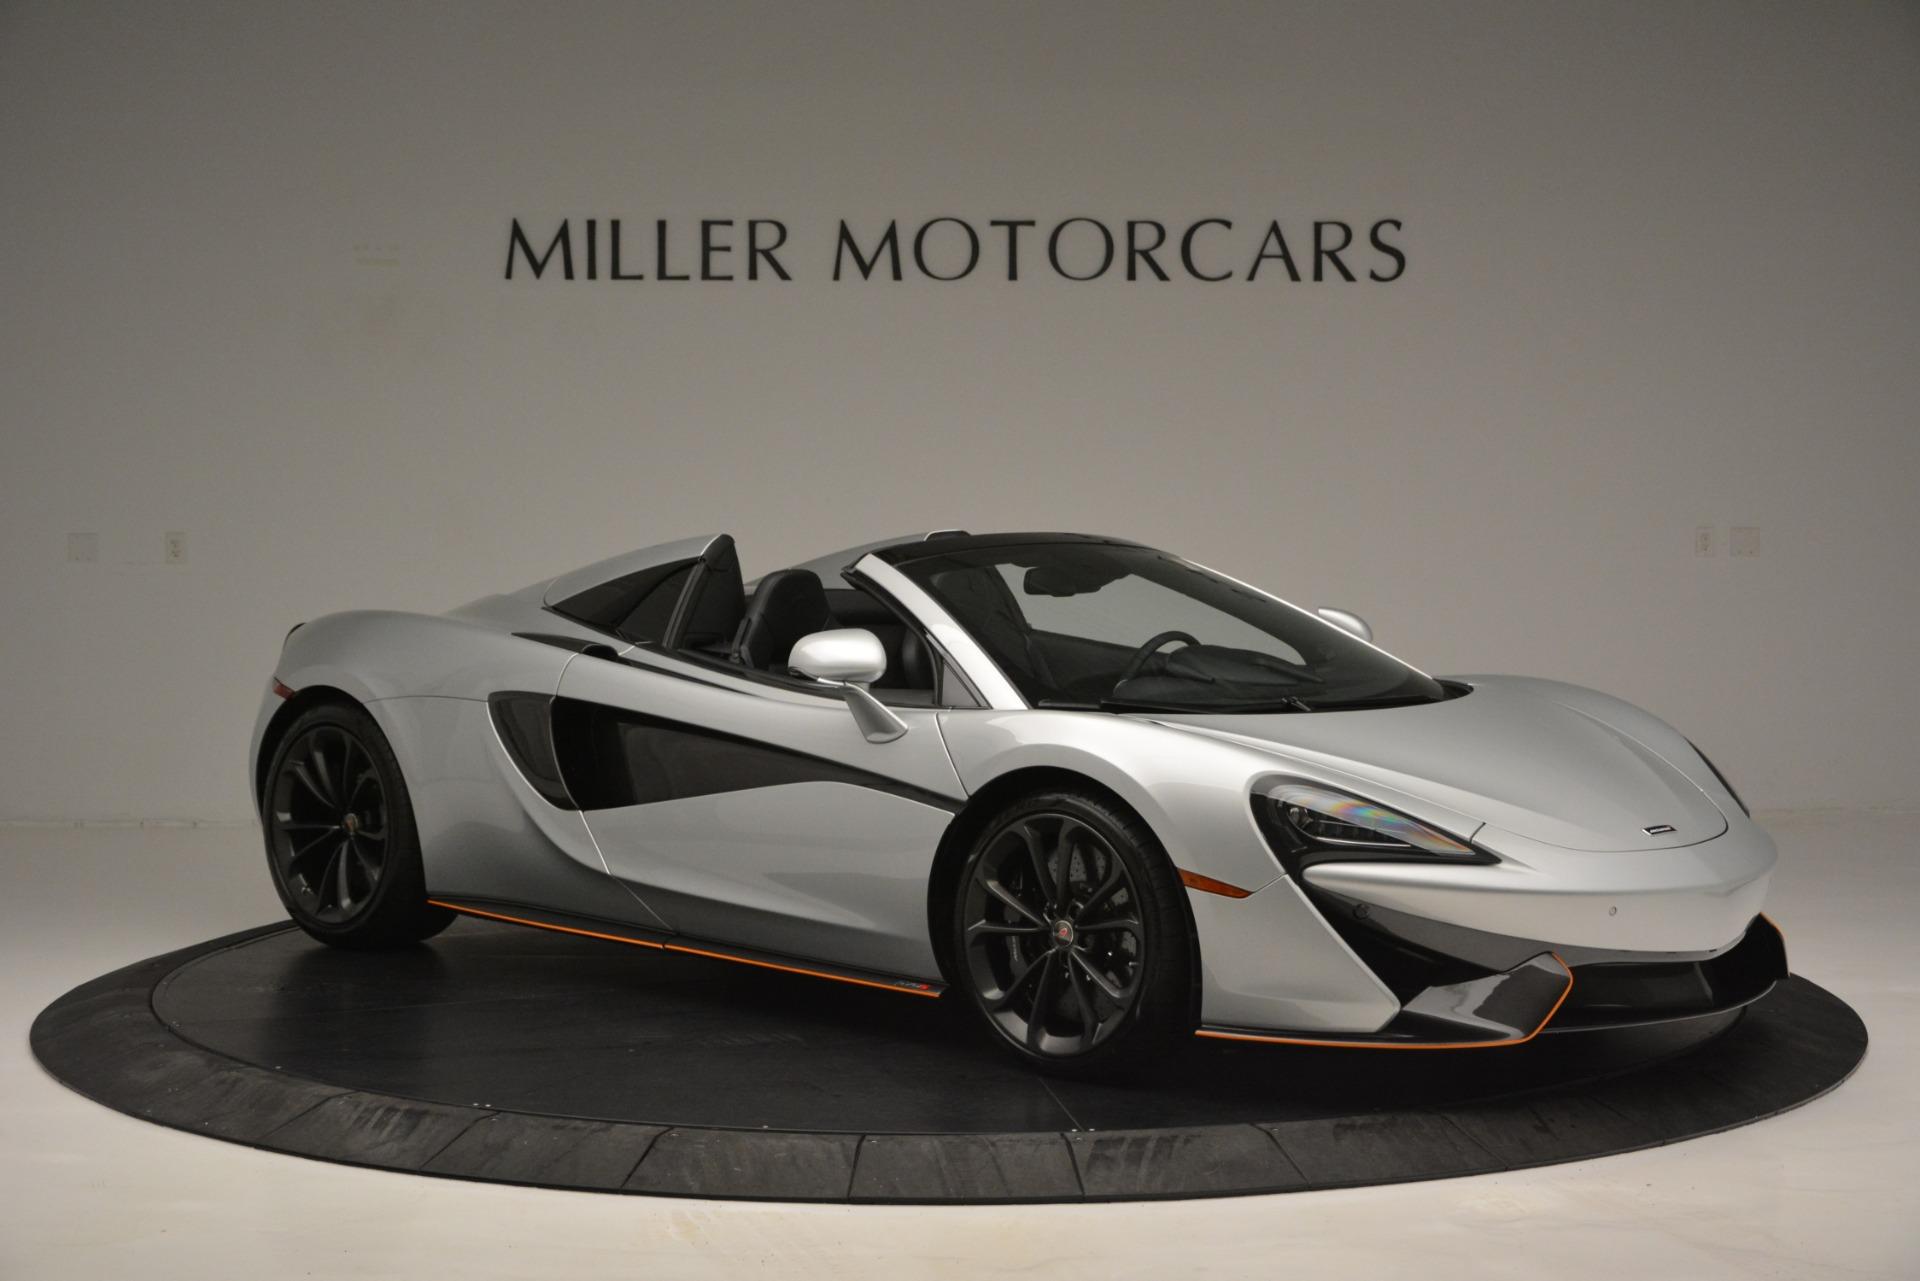 Used 2018 McLaren 570S Spider For Sale In Westport, CT 2340_p10